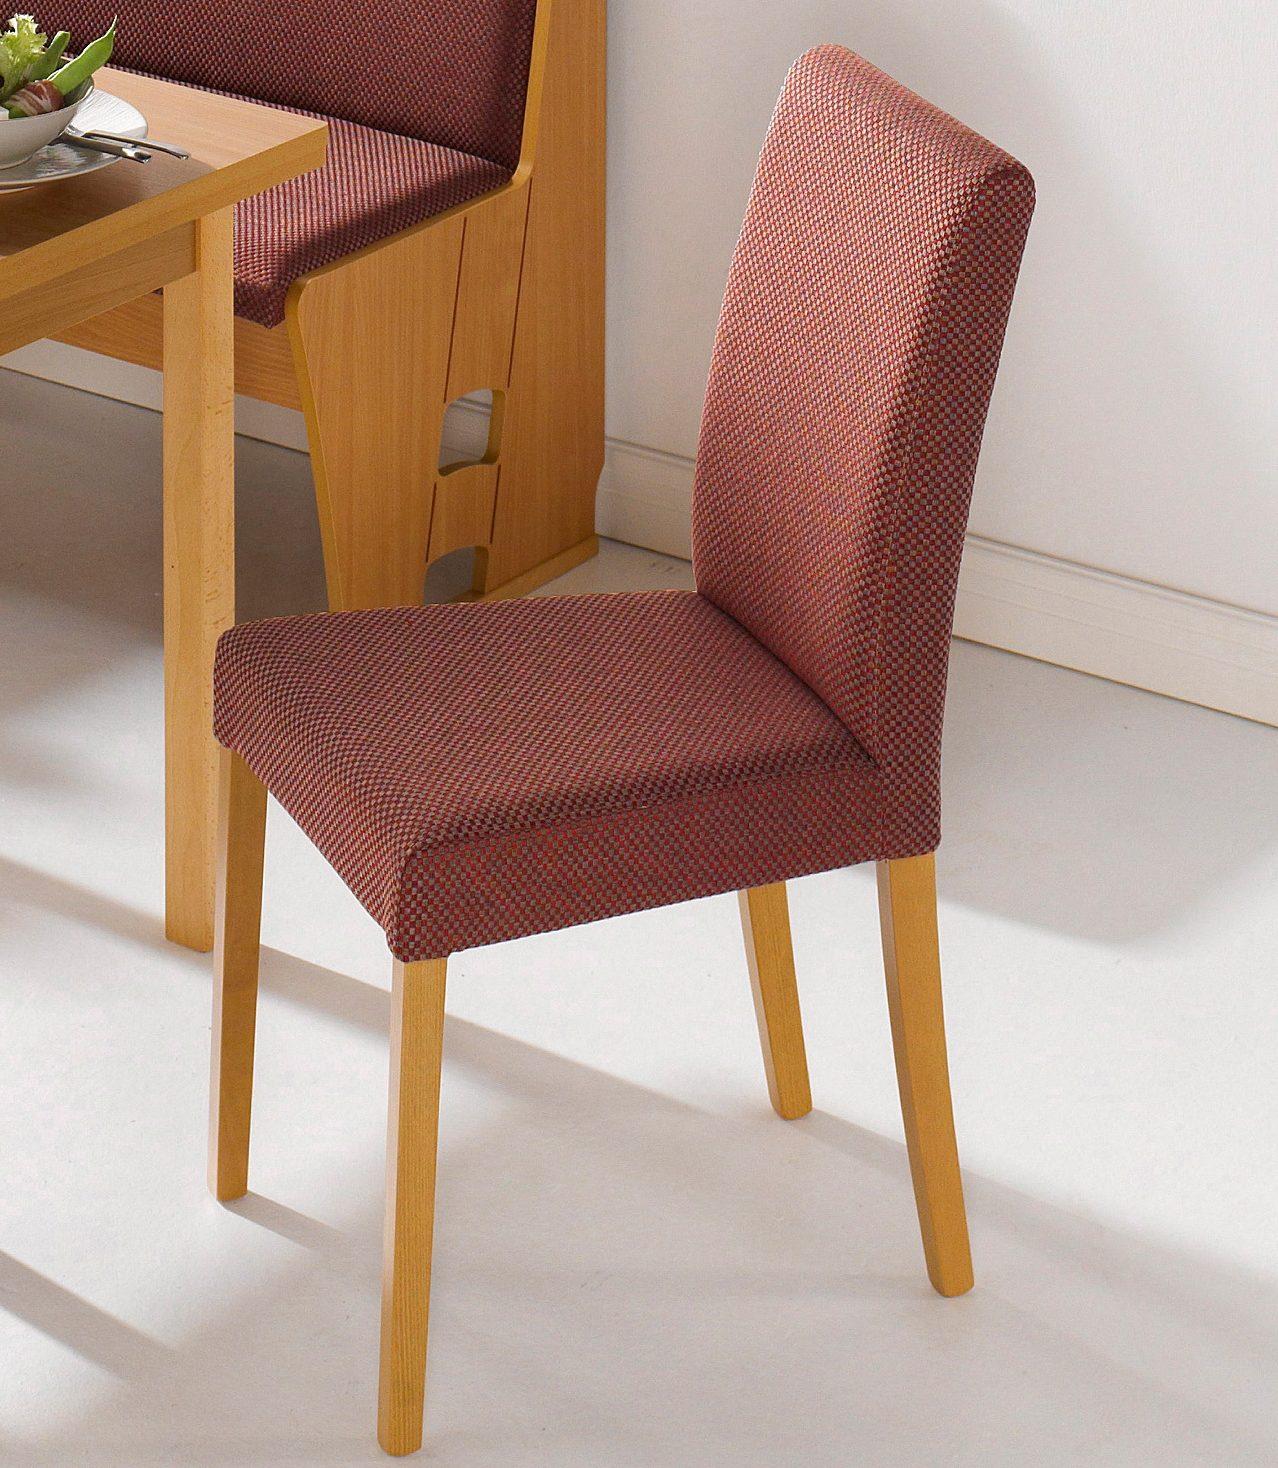 Schösswender Stühle (2 Stück), Sitz und Rücken gepolstert online kaufen | OTTO